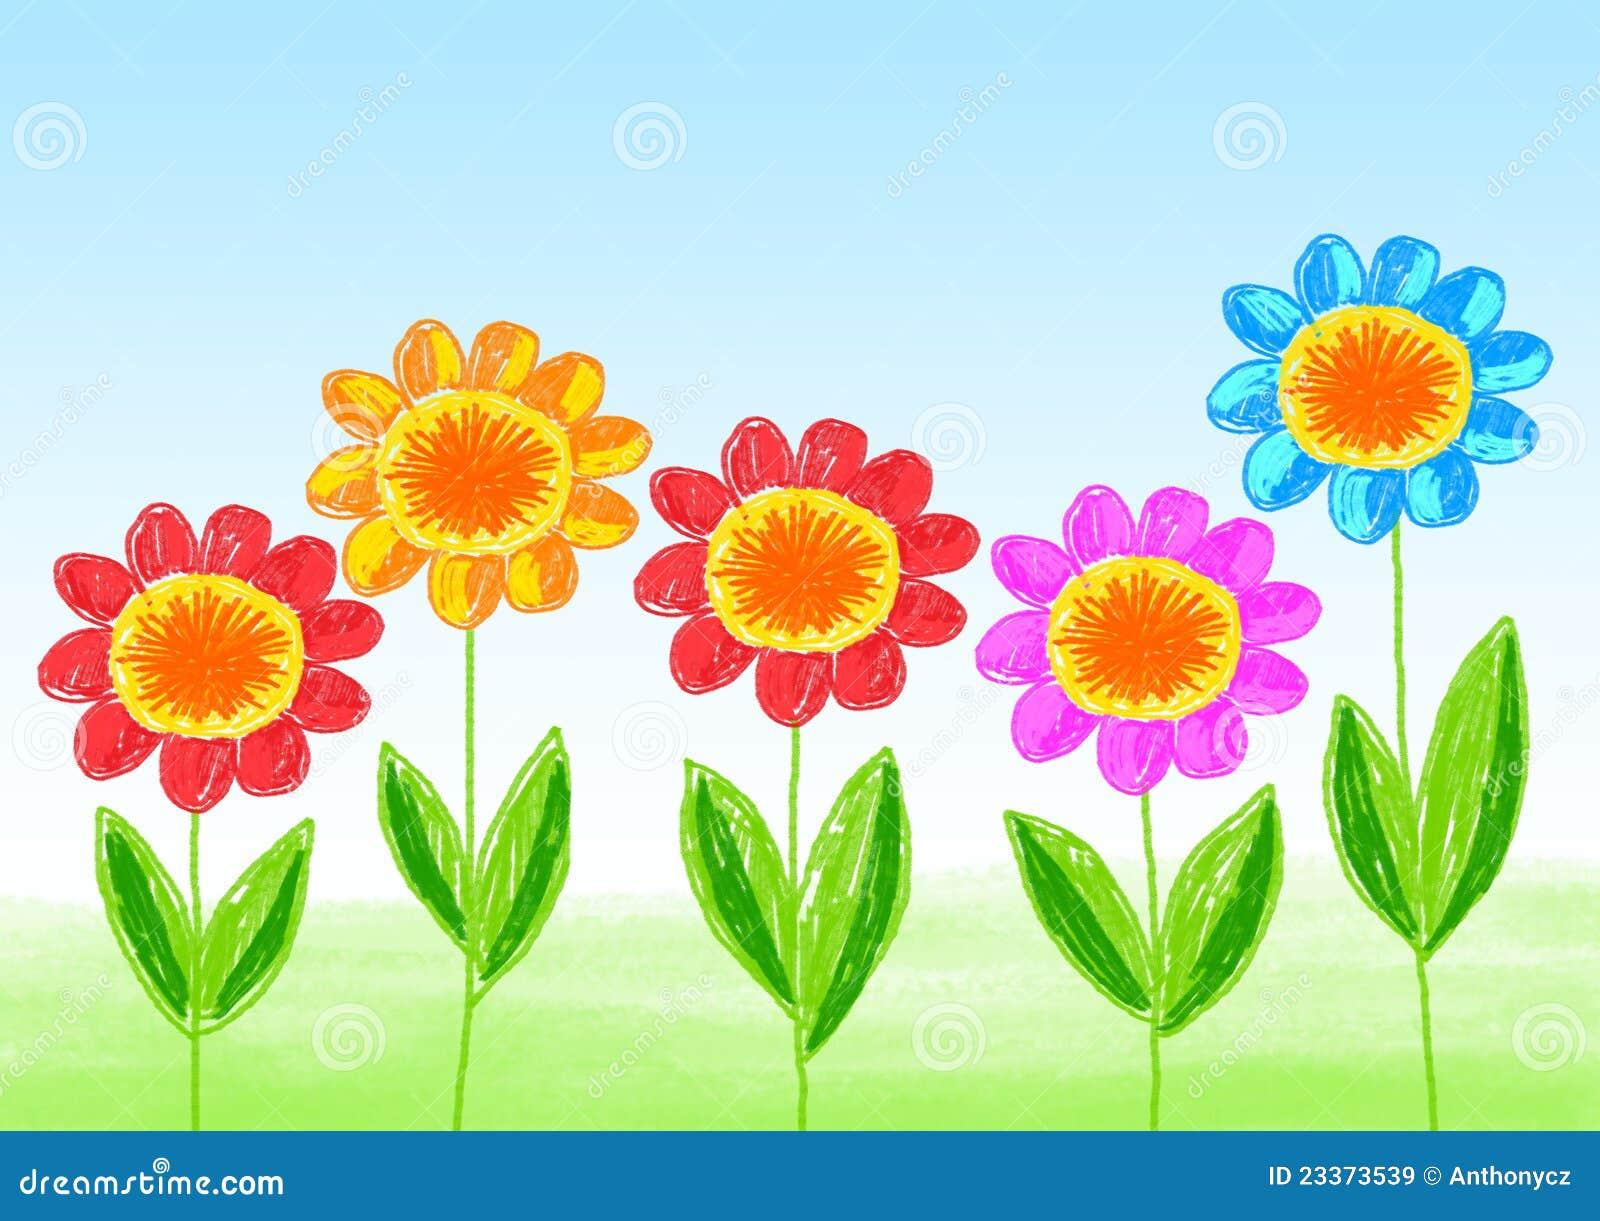 Galeria de Fotos de Flores | Flores e Flores